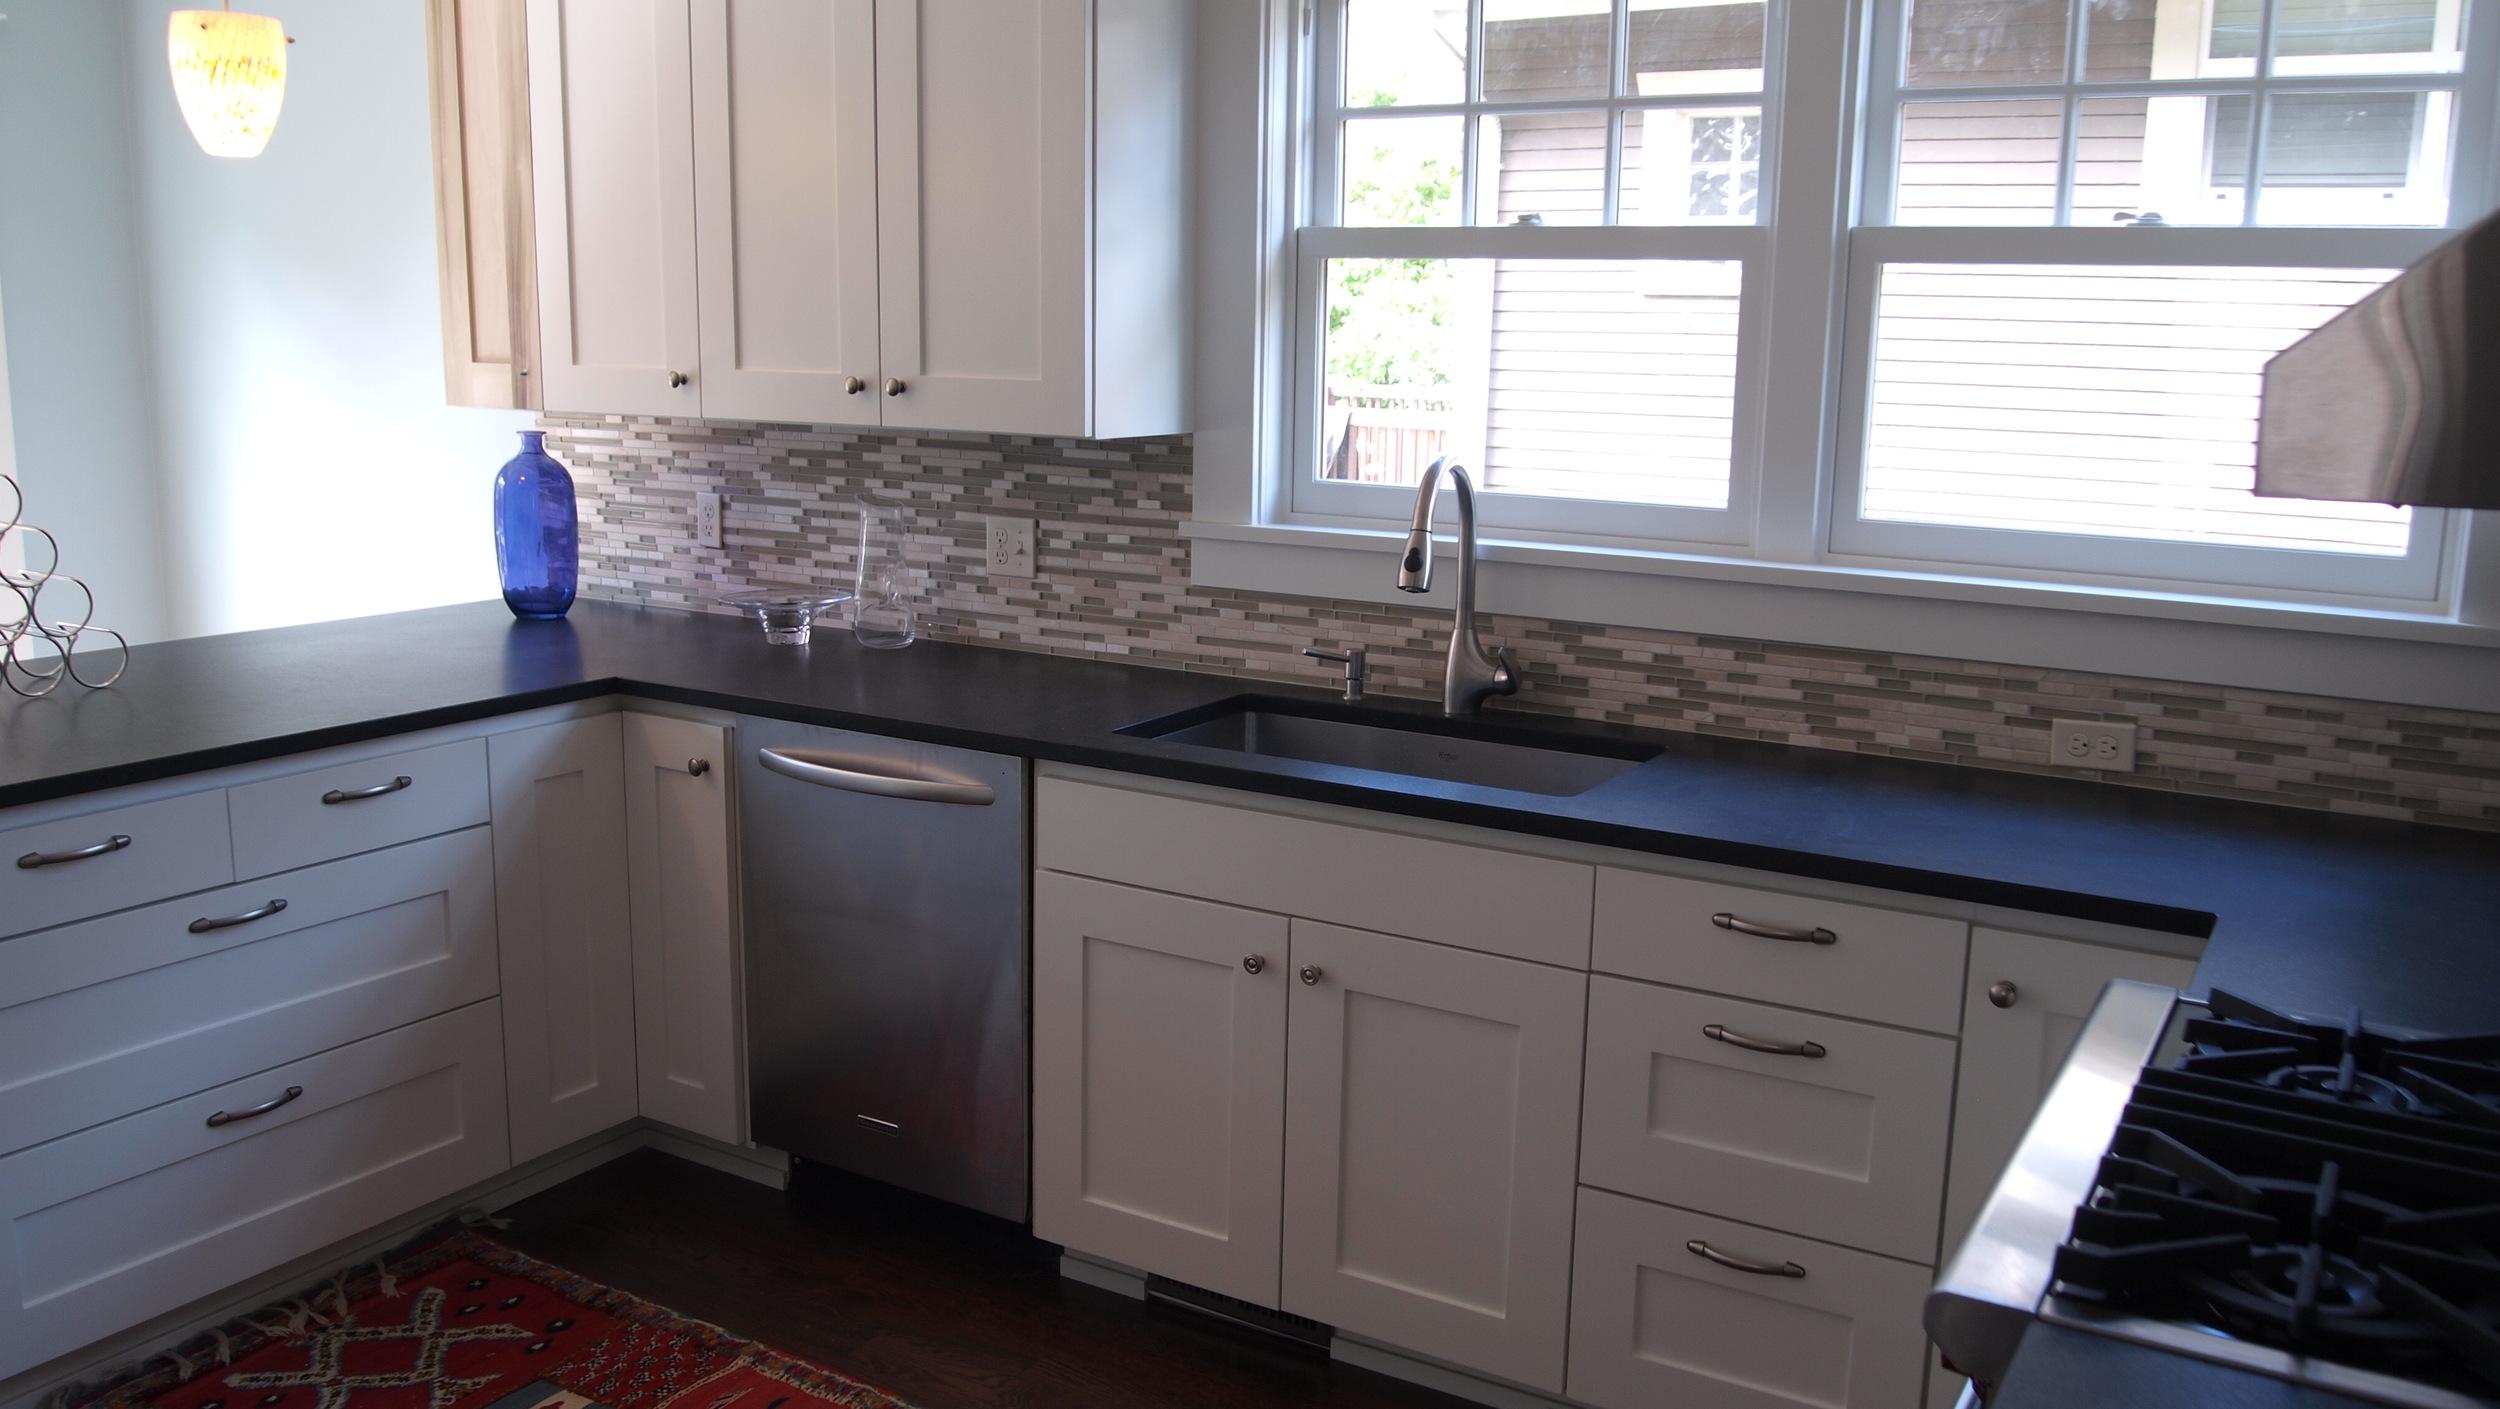 14Ballard kitchen 12.jpg